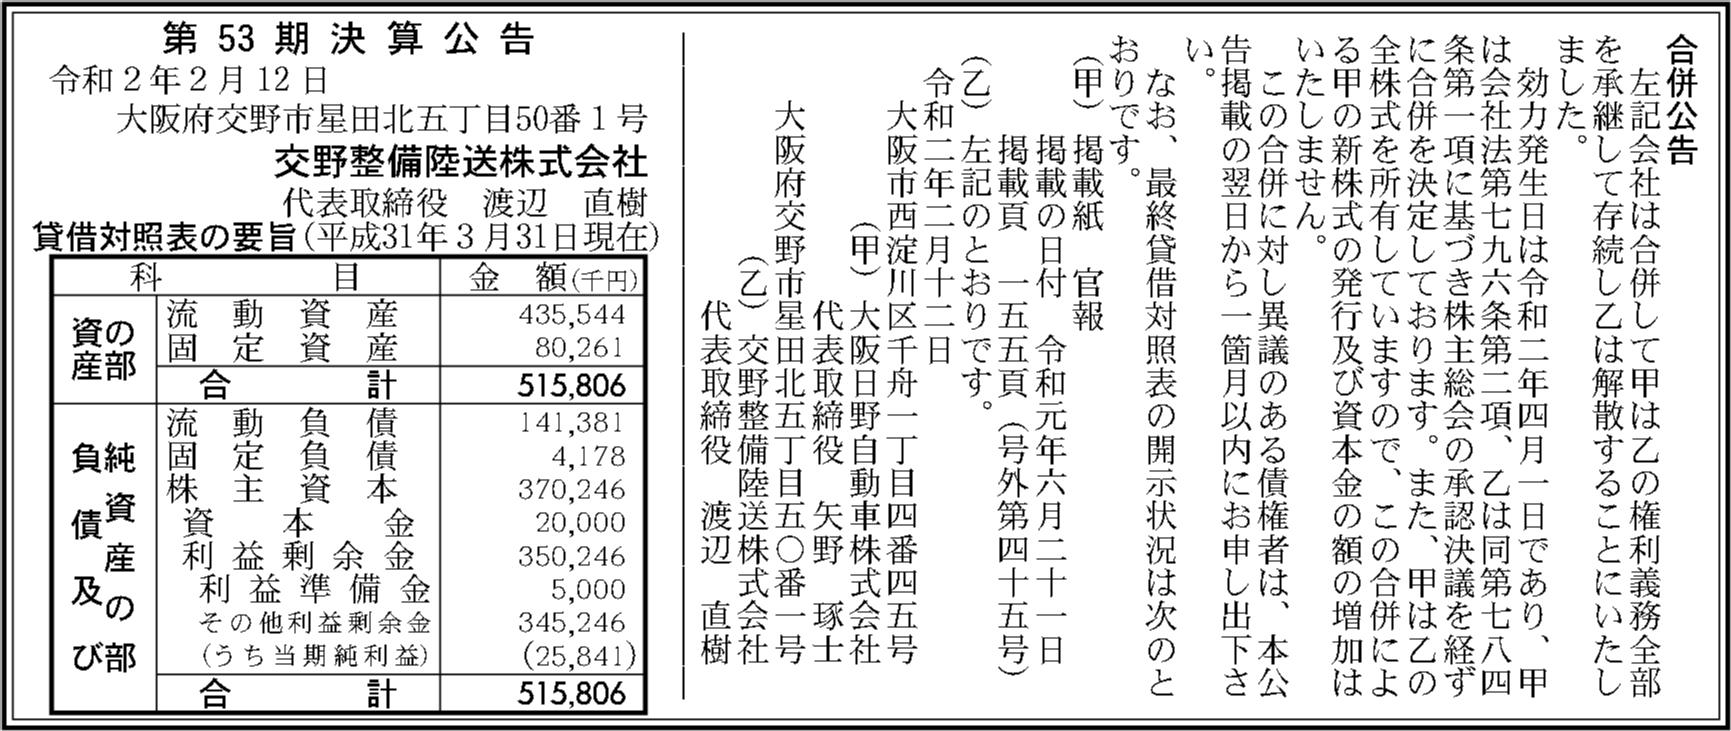 0060 8f165b776534766003b1d43b9b47cbfd3029103c49b8576c1f5de90d64207f25d0521350a4009ee29d8b7e8fb5ed4610b4483baf4e74425a50940245a0ad6e9a 04